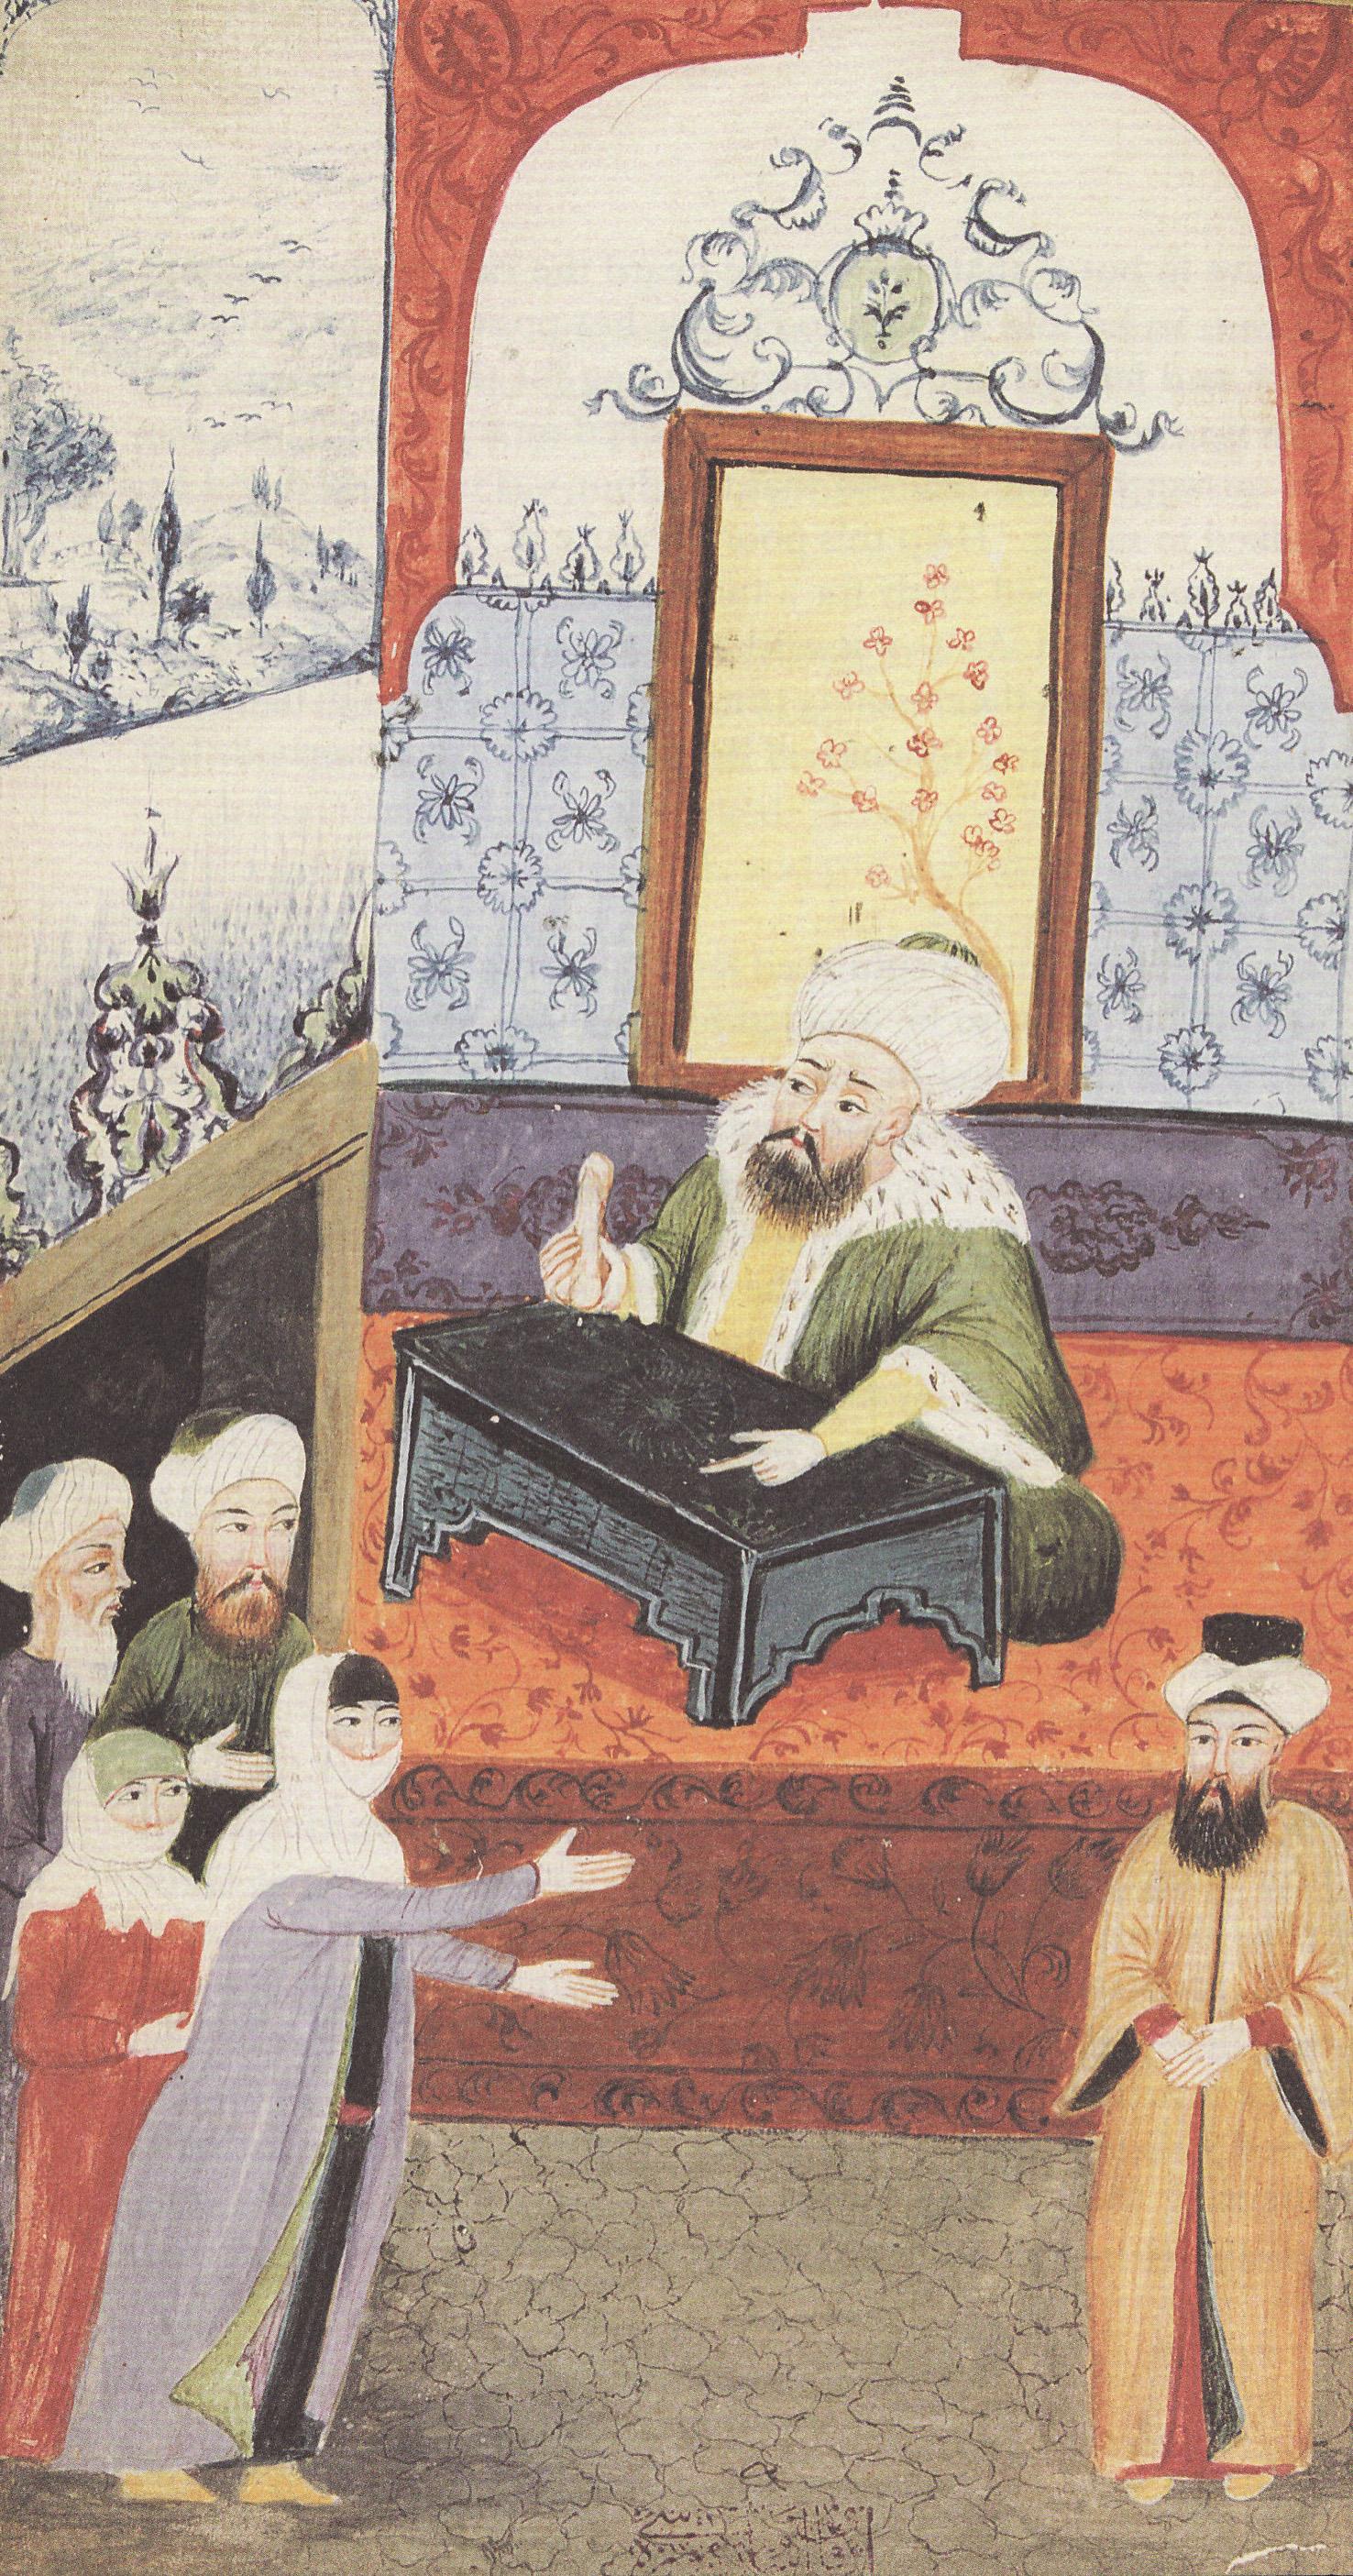 Nešťastná žena si stěžuje u soudce (qadi)na manželovu neschopnost.Osmanská miniatura. Kredit: Sema Nilgün Erdo?an, Sexual life in Ottoman society, volné dílo.